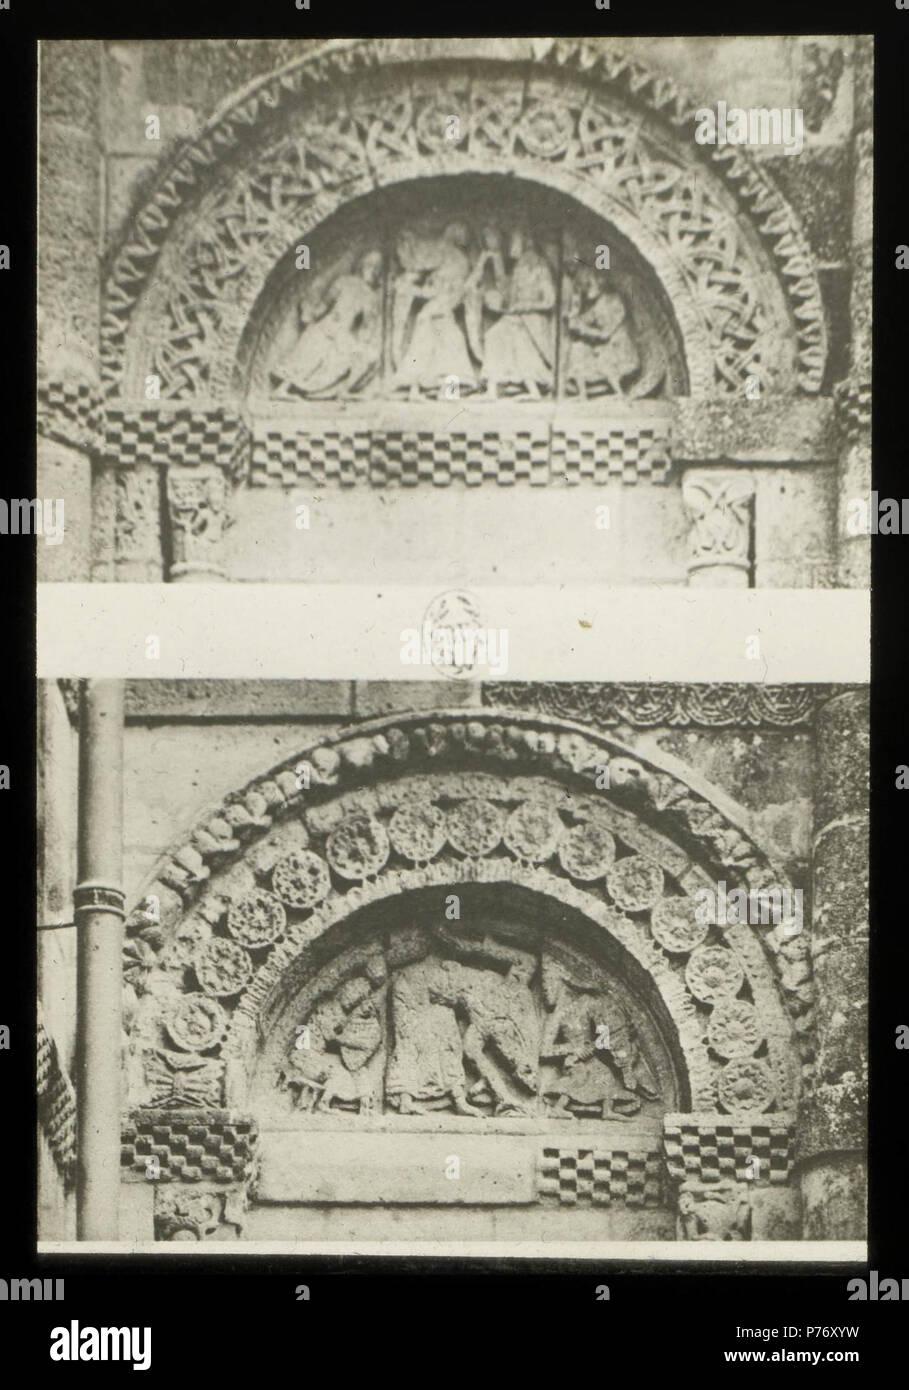 235 Église Saint-Vivien de Saint-Vivien-de-Médoc - J-A Brutails - Université Bordeaux Montaigne - 2469 - Stock Image